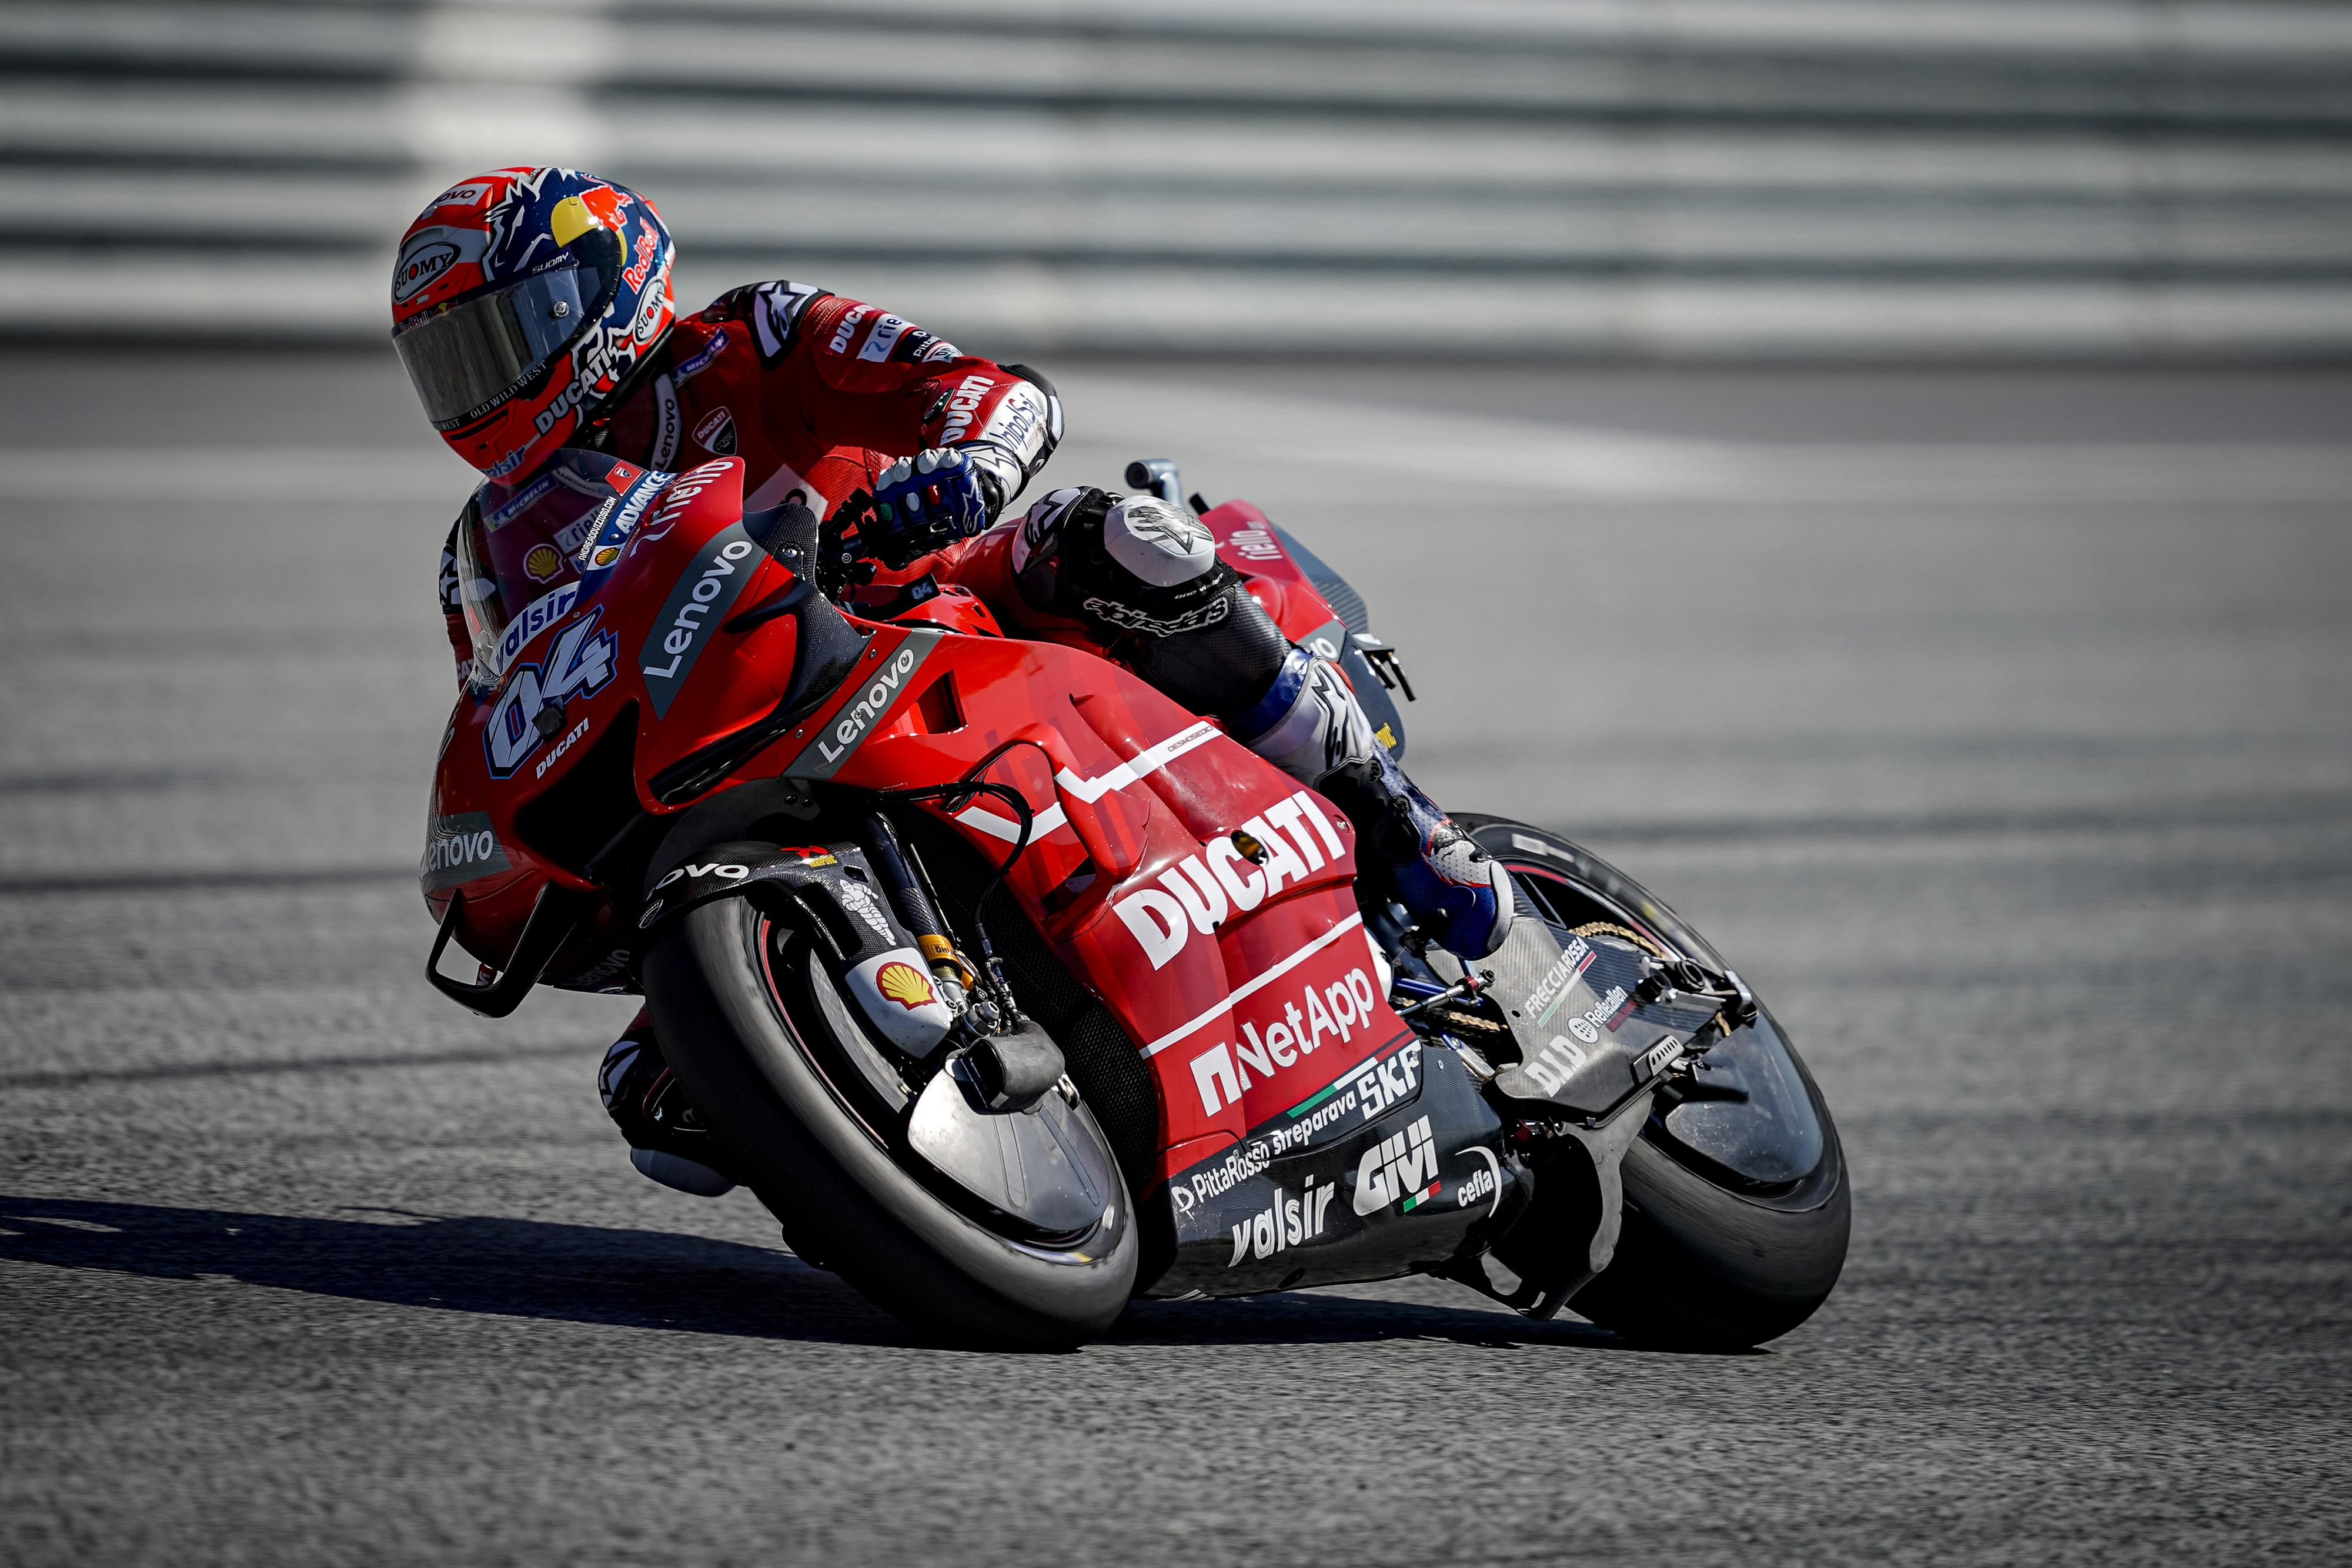 Andrea Dovizioso vence a Marc Márquez un espectacular mano a mano en Austria